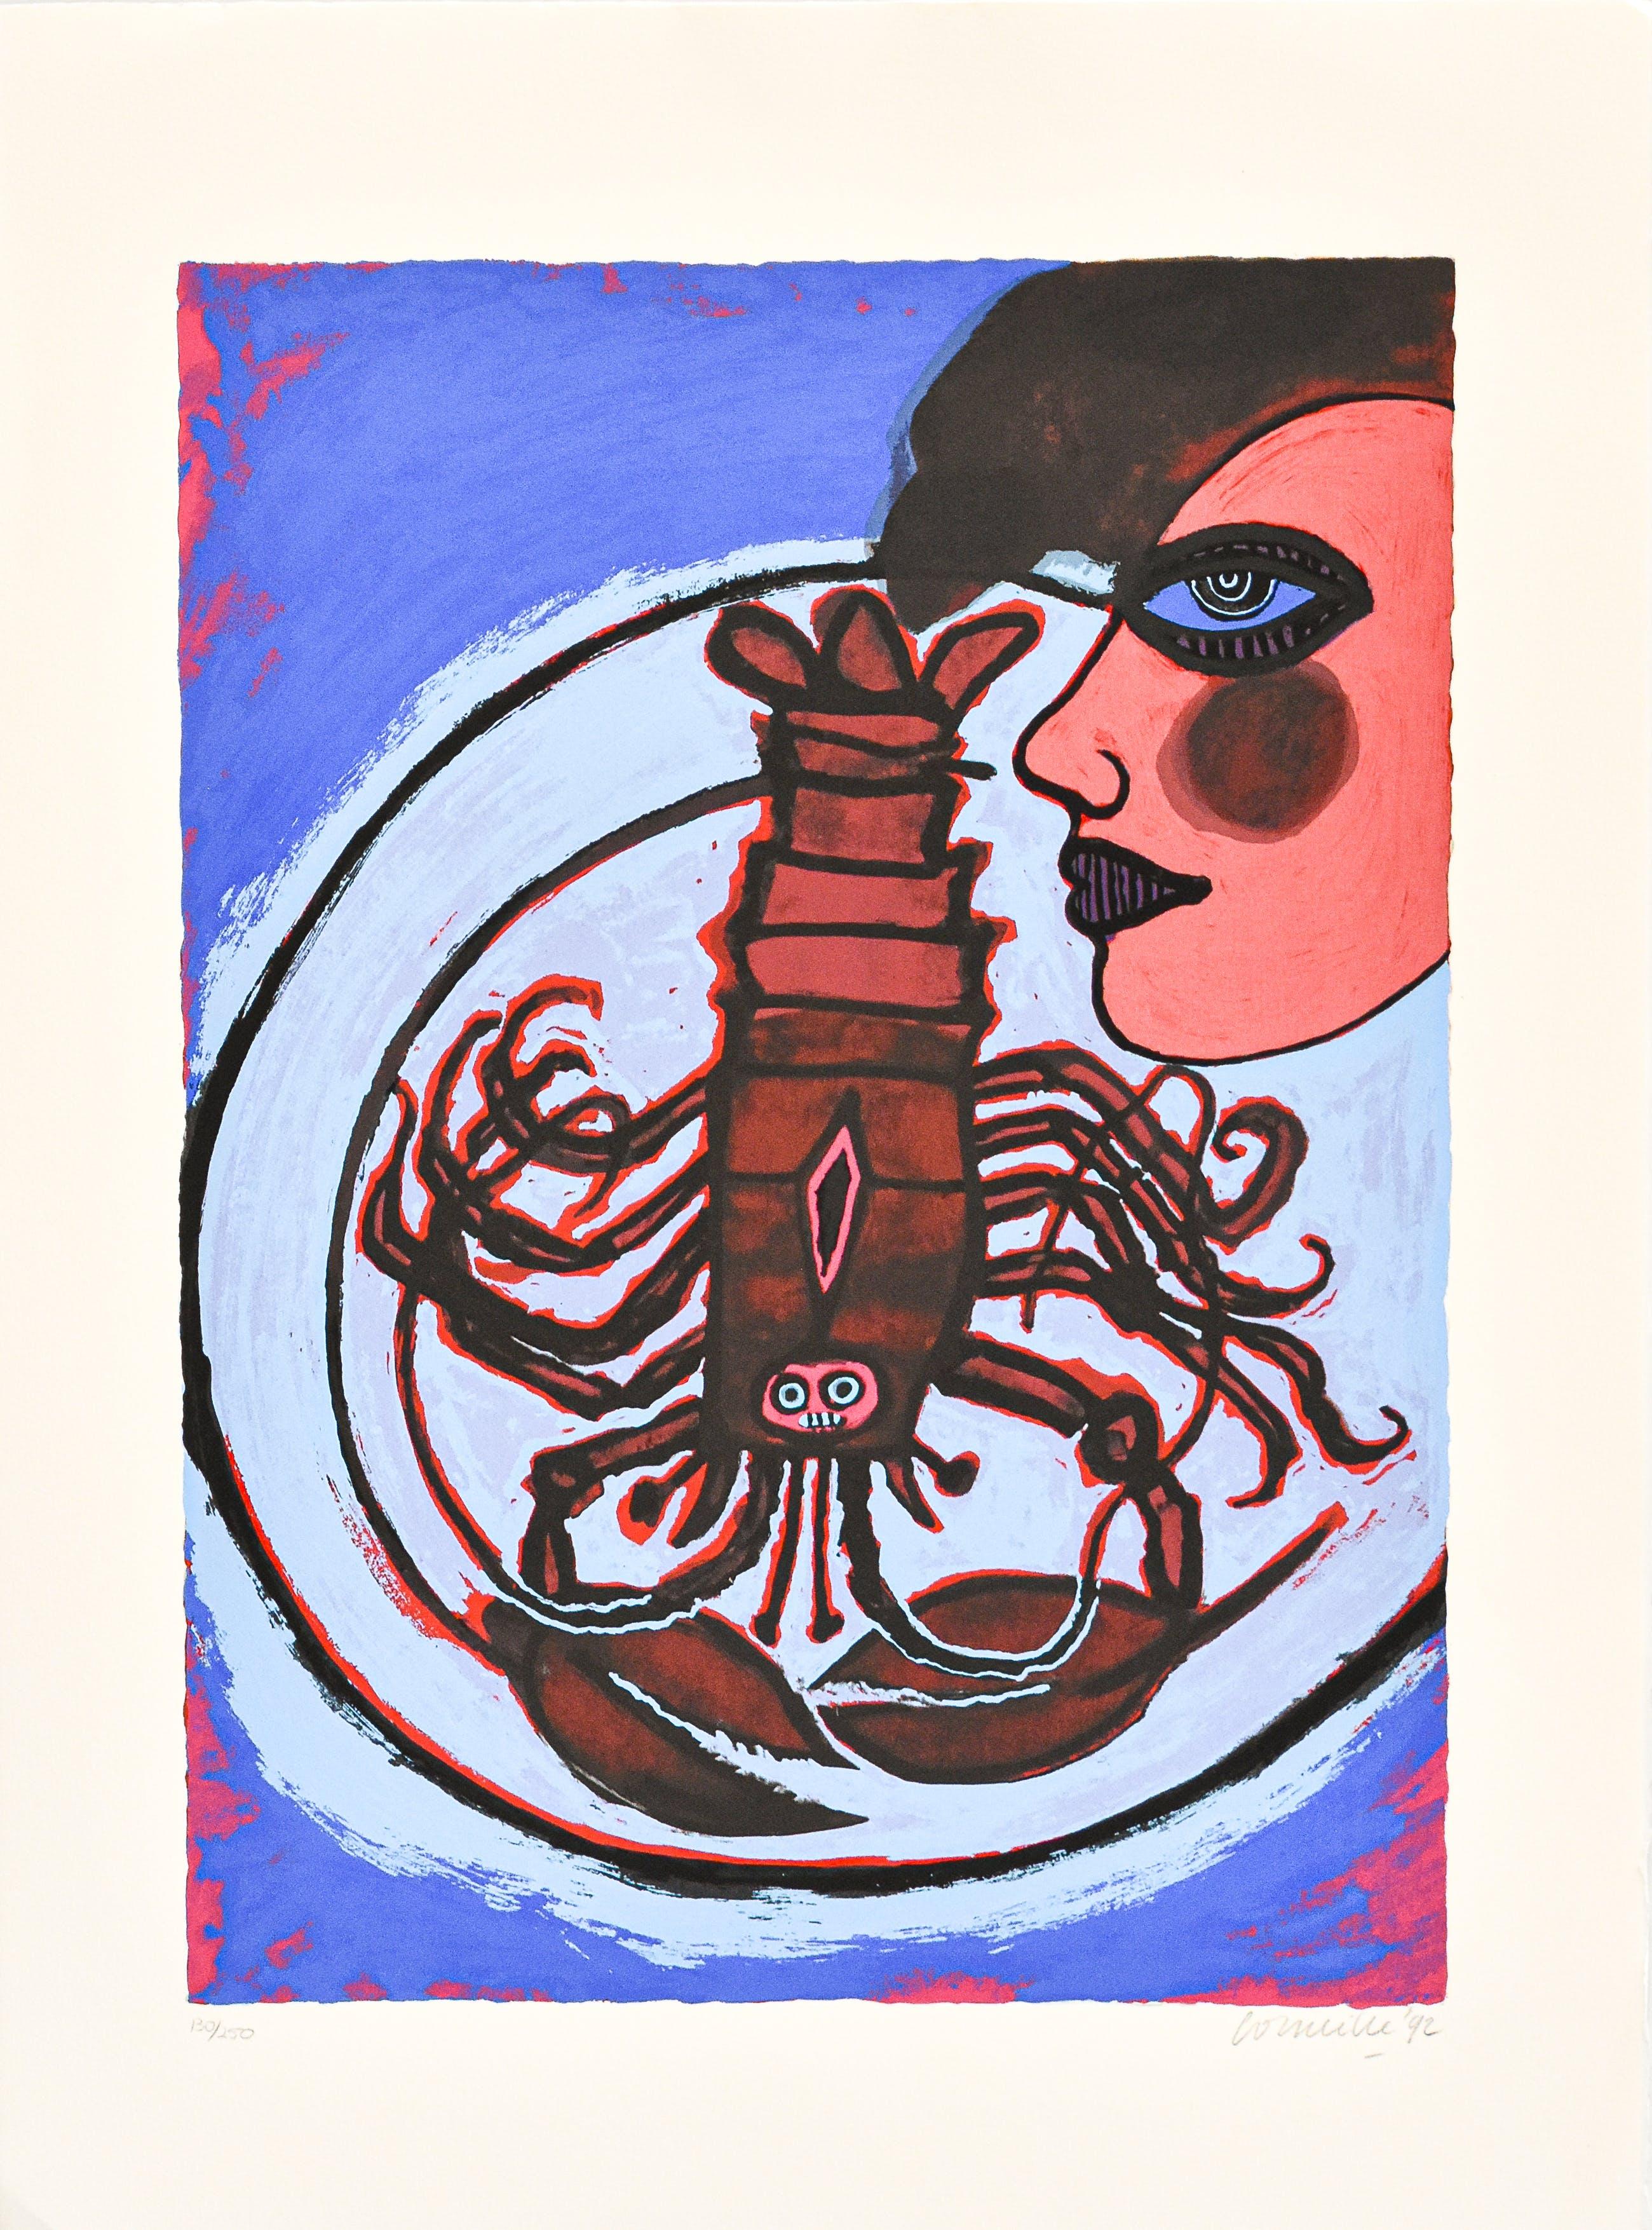 Corneille - Femme et homard kopen? Bied vanaf 150!